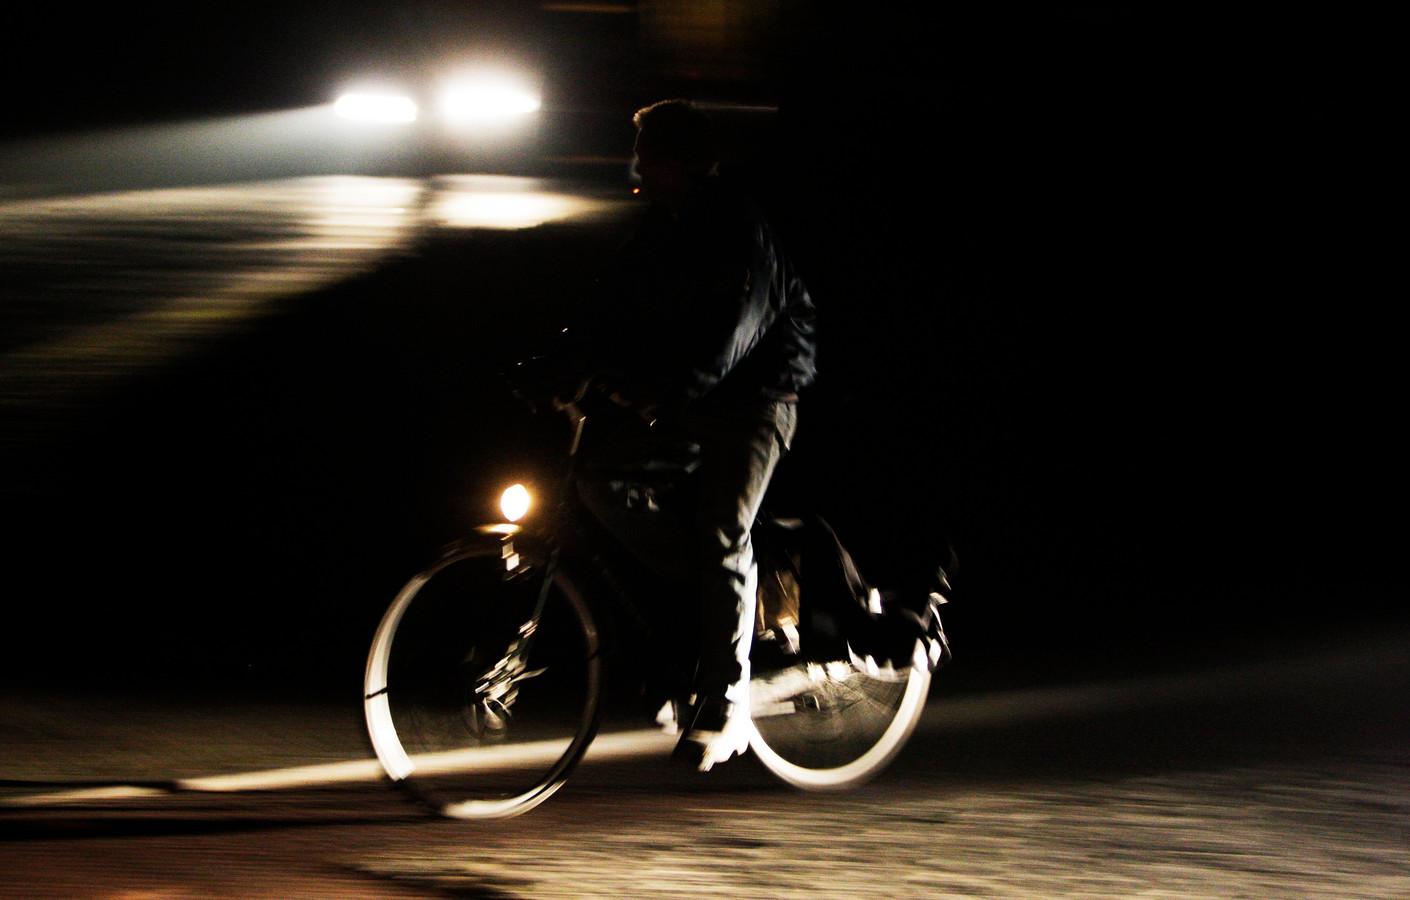 De gemeente Altena wil de verlichting op fietsroutes verbeteren.